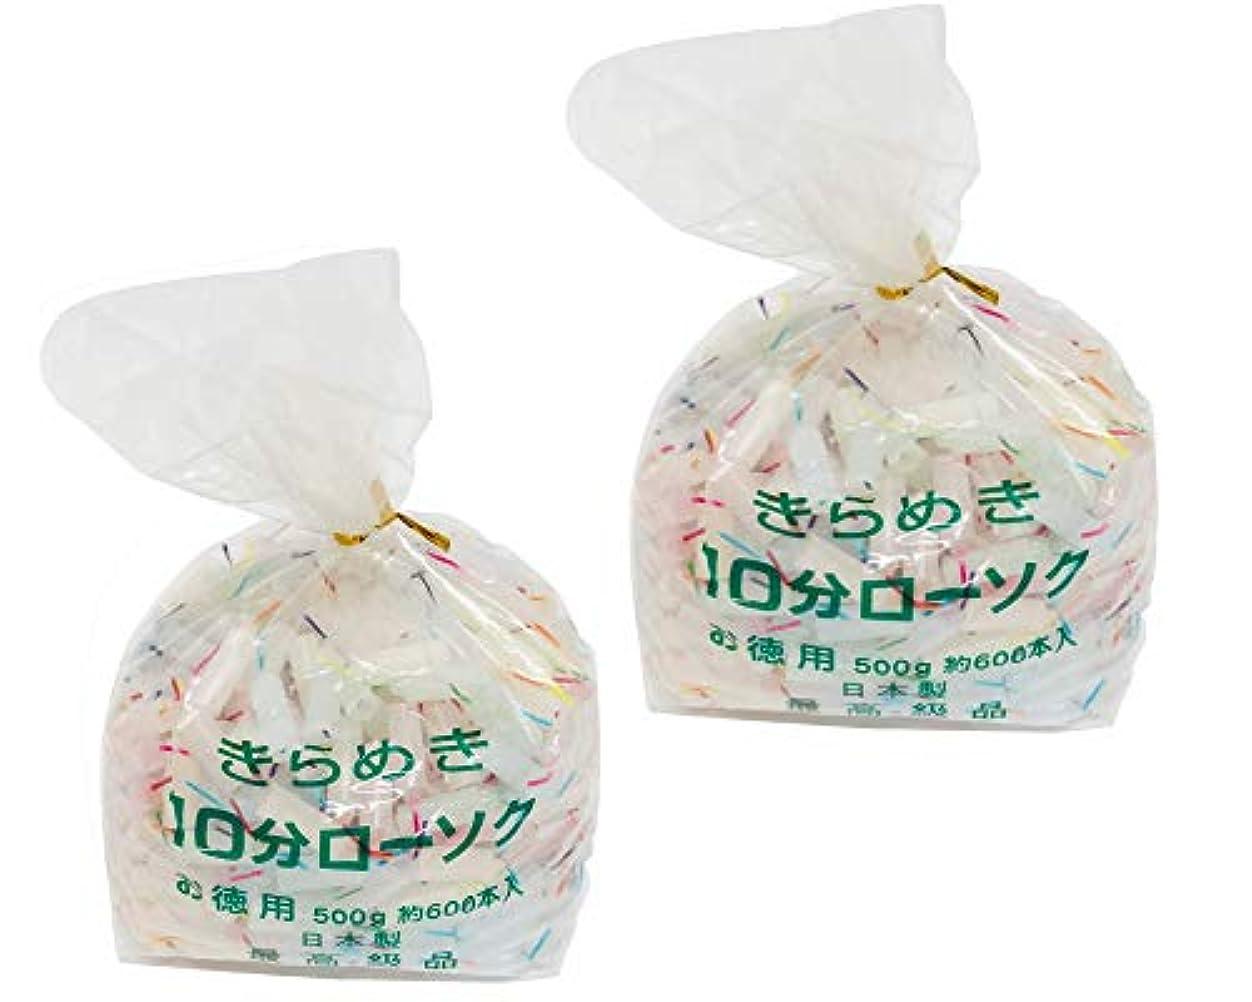 東亜ローソク ミニロウソク きらめき お徳用袋入 5分?10分 (10分カラーローソク2袋)